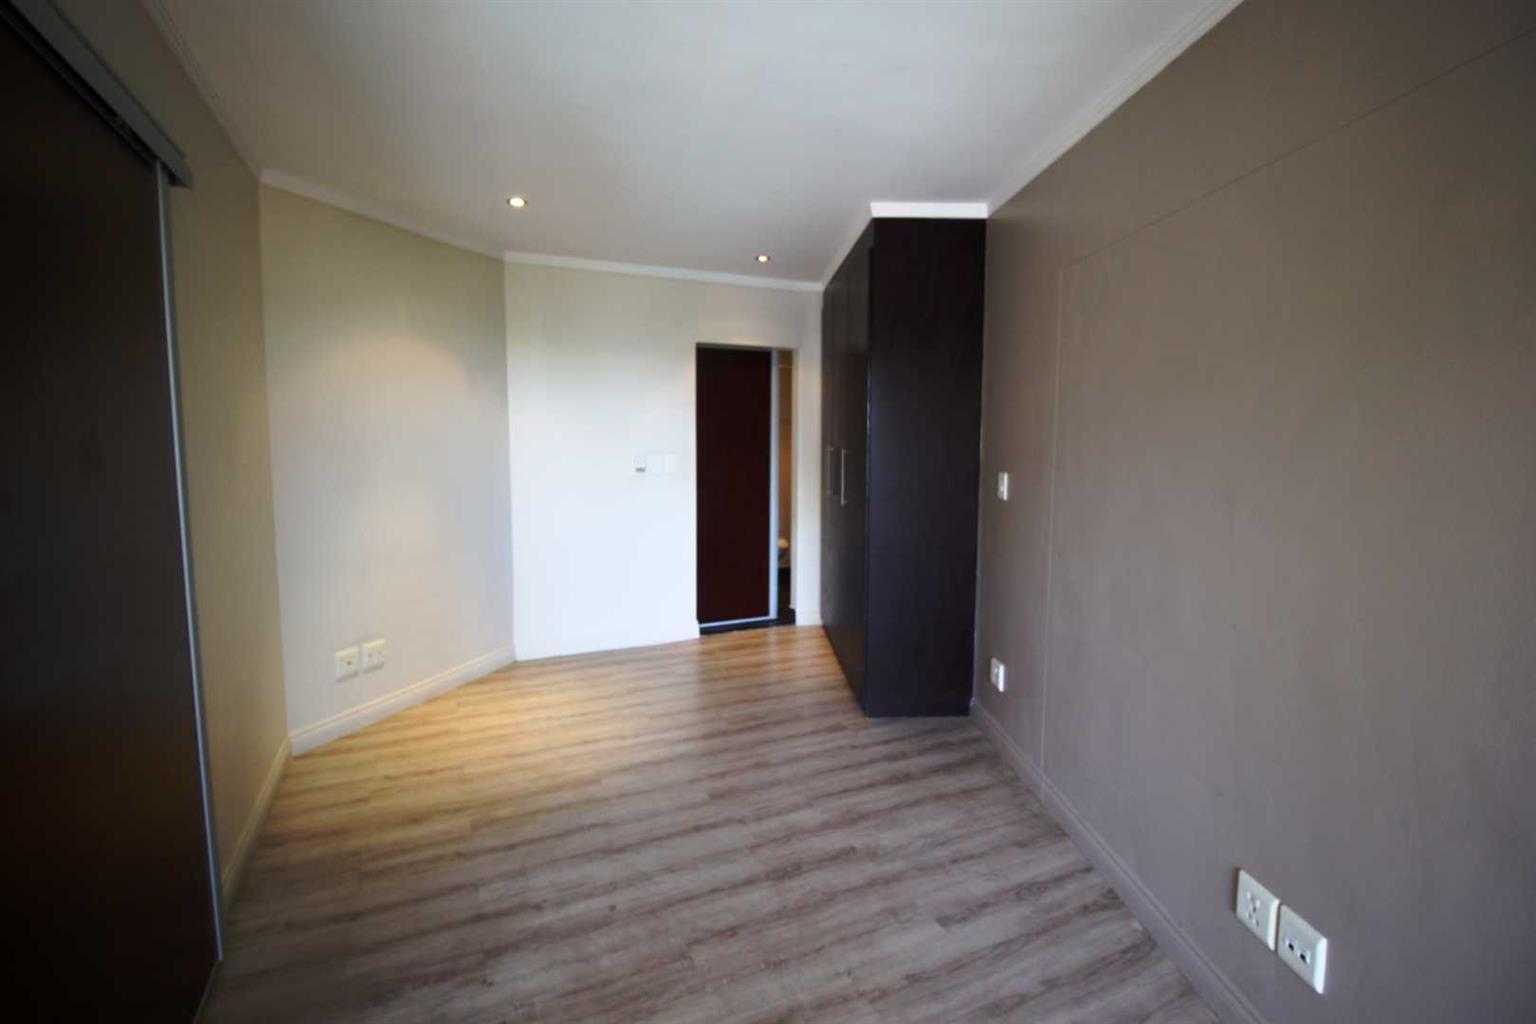 Apartment Rental Monthly in Sandhurst